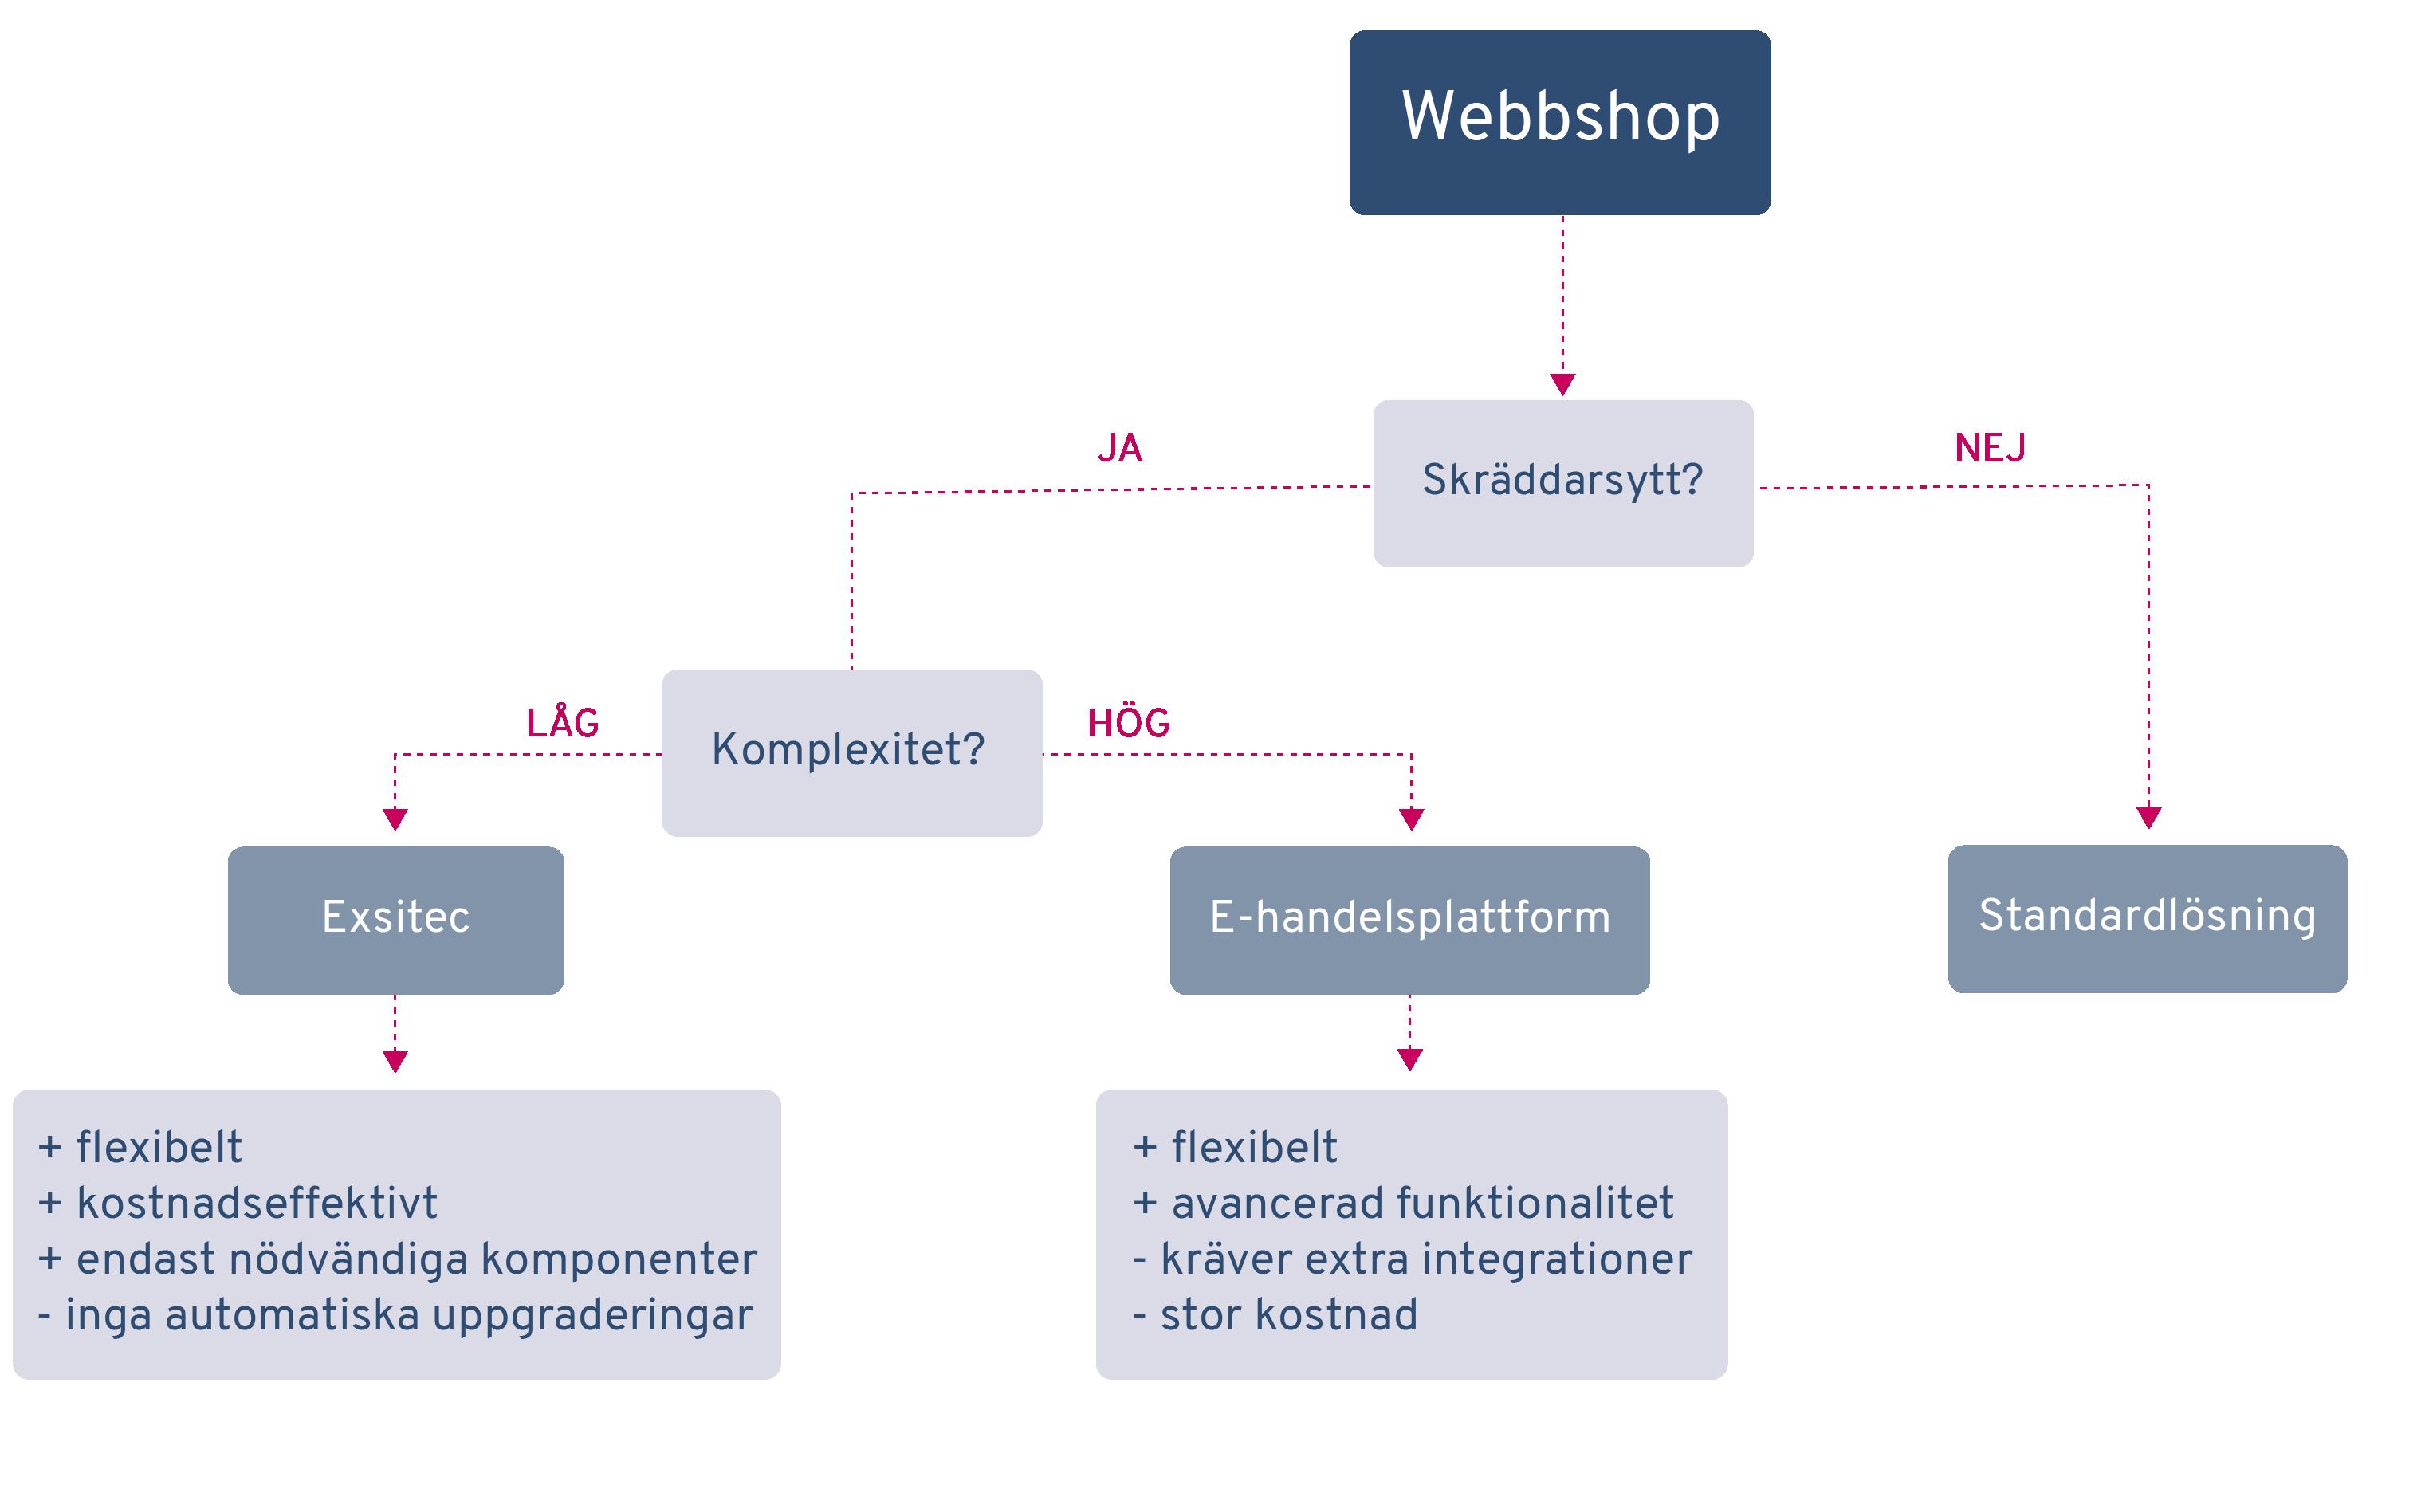 flowchart-webbshop